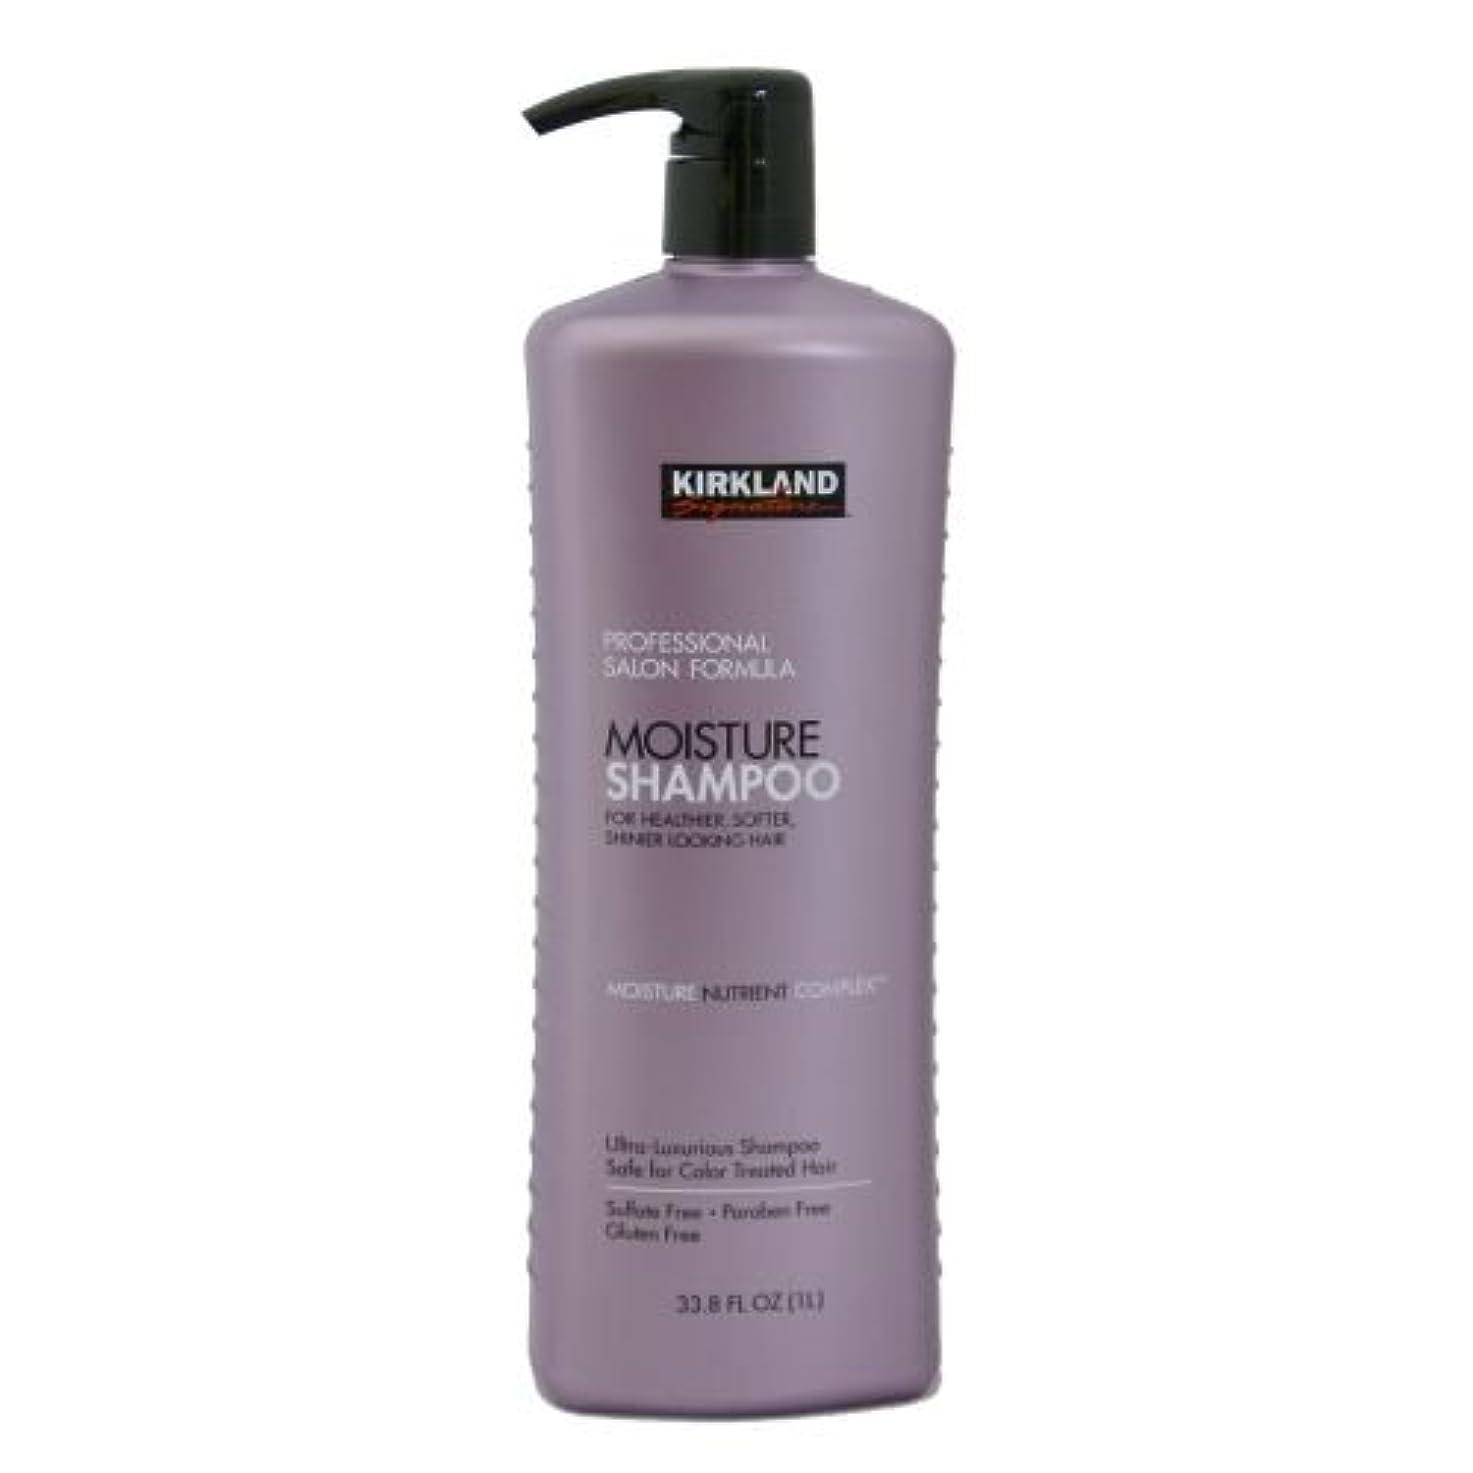 評価可能従順地平線カークランドシグネチャー モイスチャーシャンプー1000ml【Kirkland Signature Moisture Shampoo】海外直送品